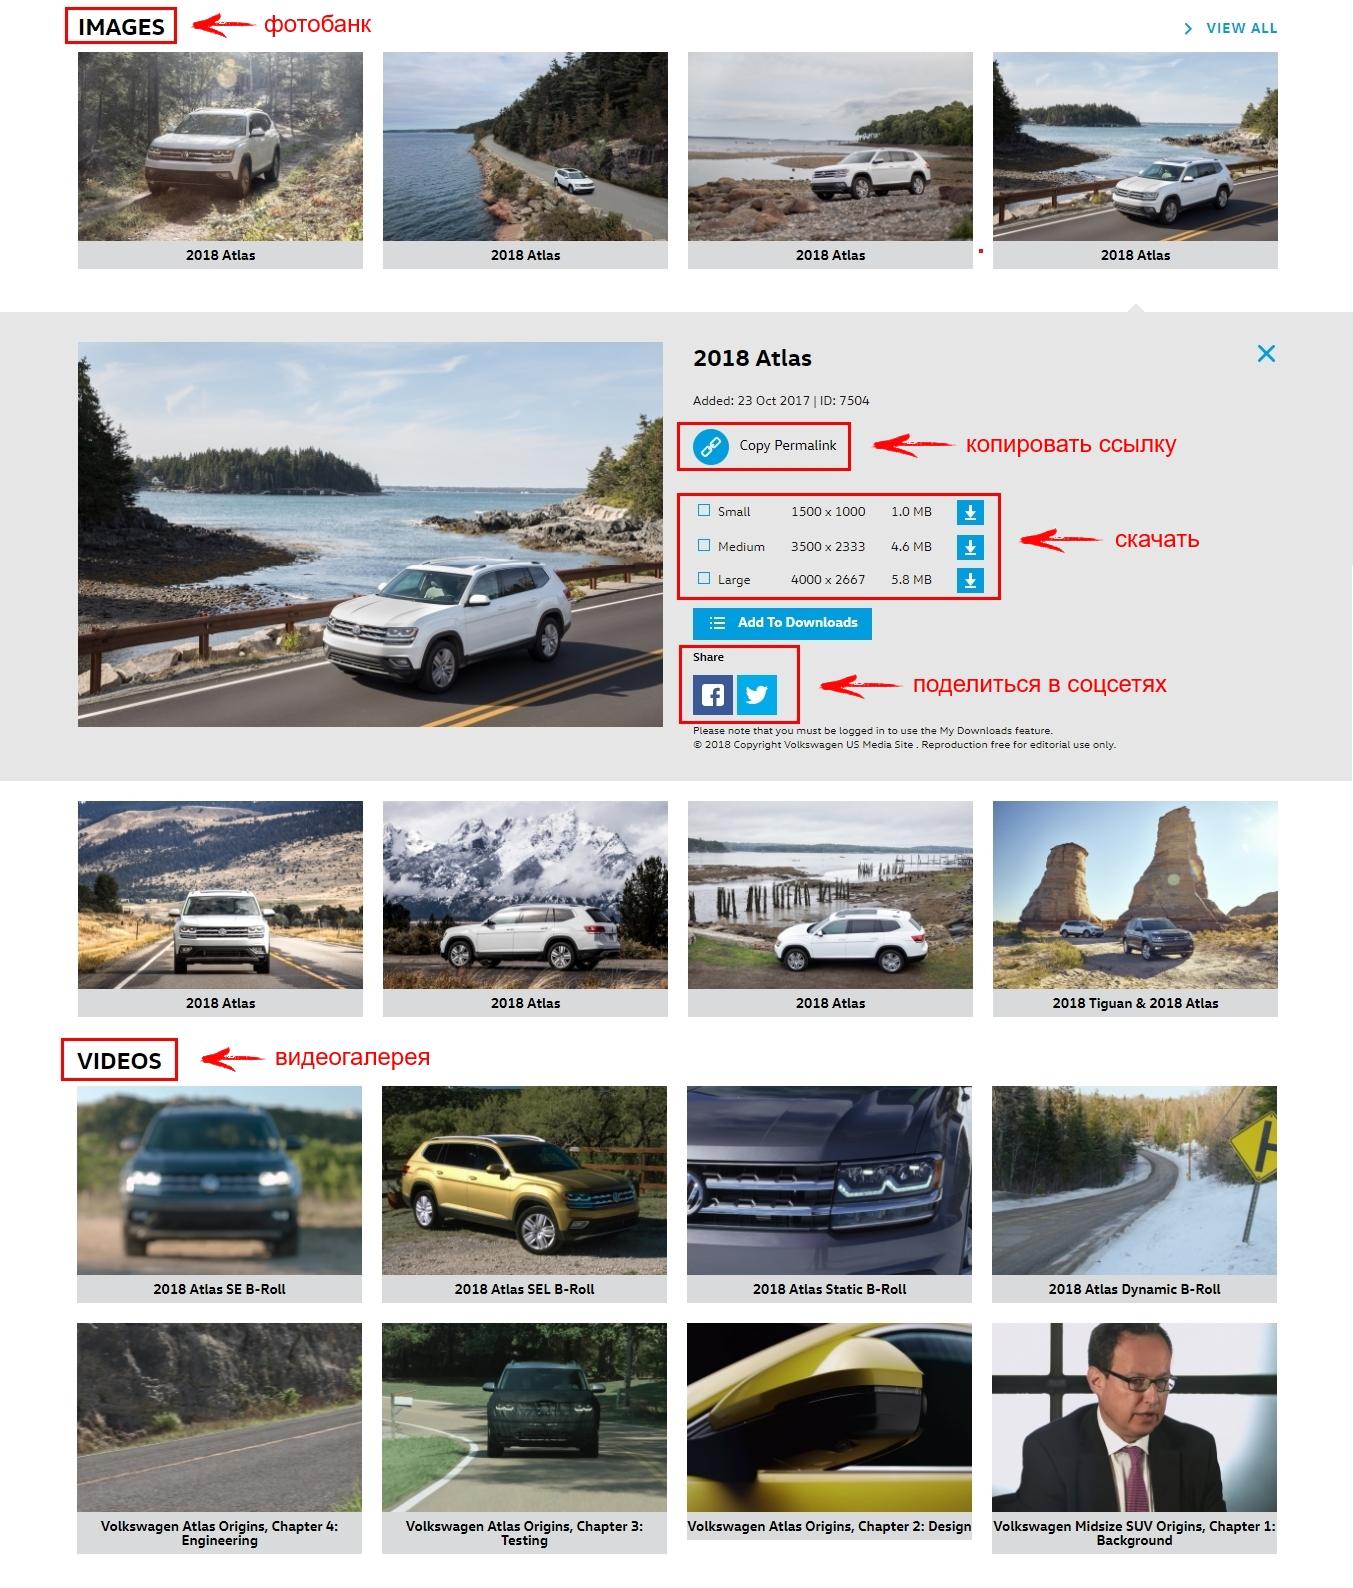 Пресс-центр Volkswagen